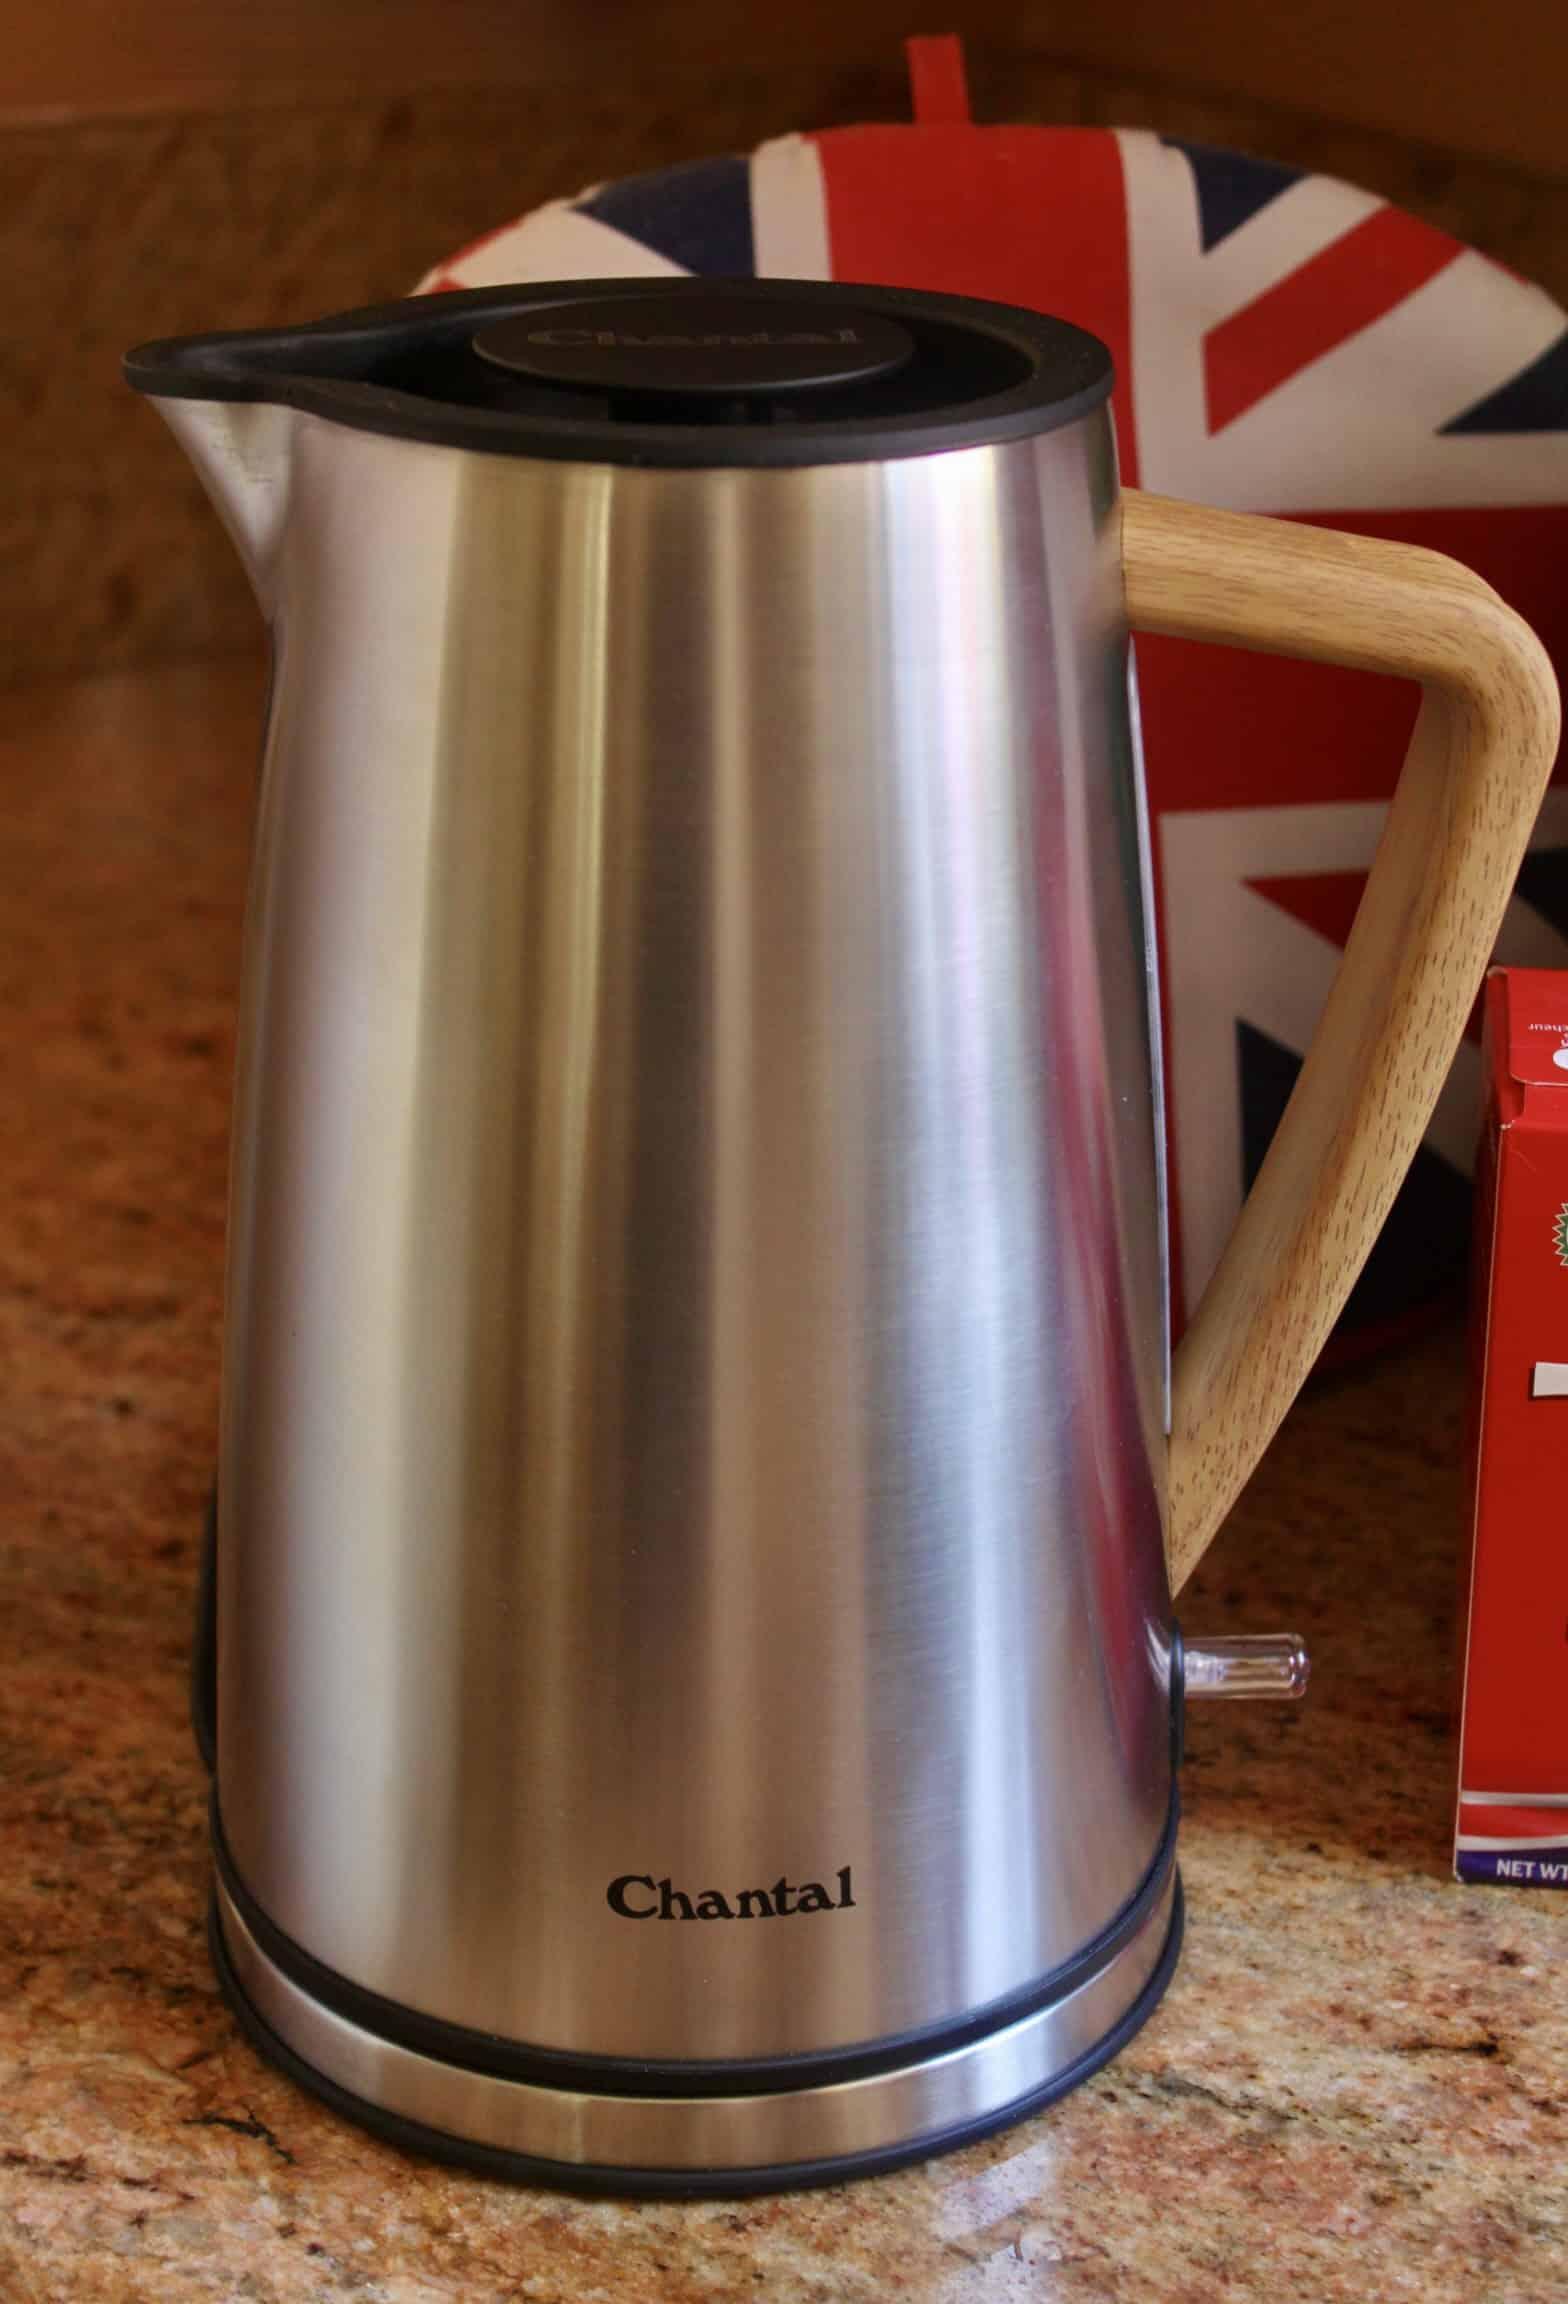 Chantal tea kettle